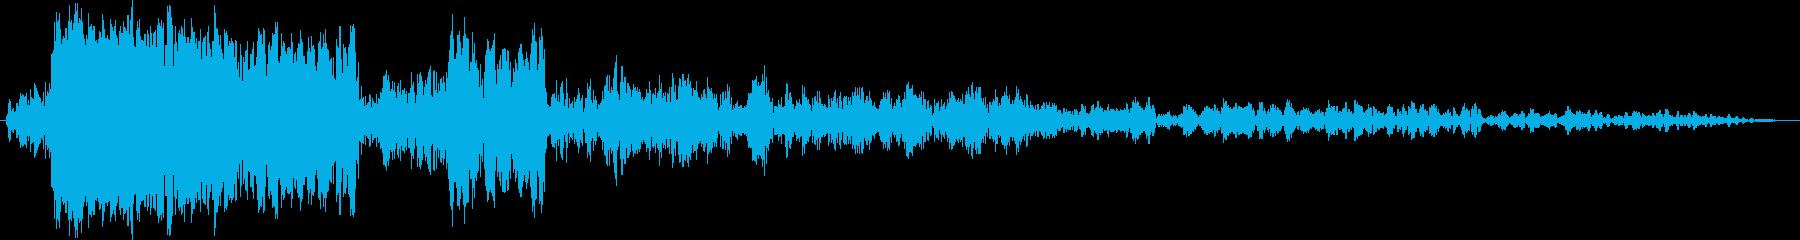 フォーッフォッフォ (星人の声)の再生済みの波形